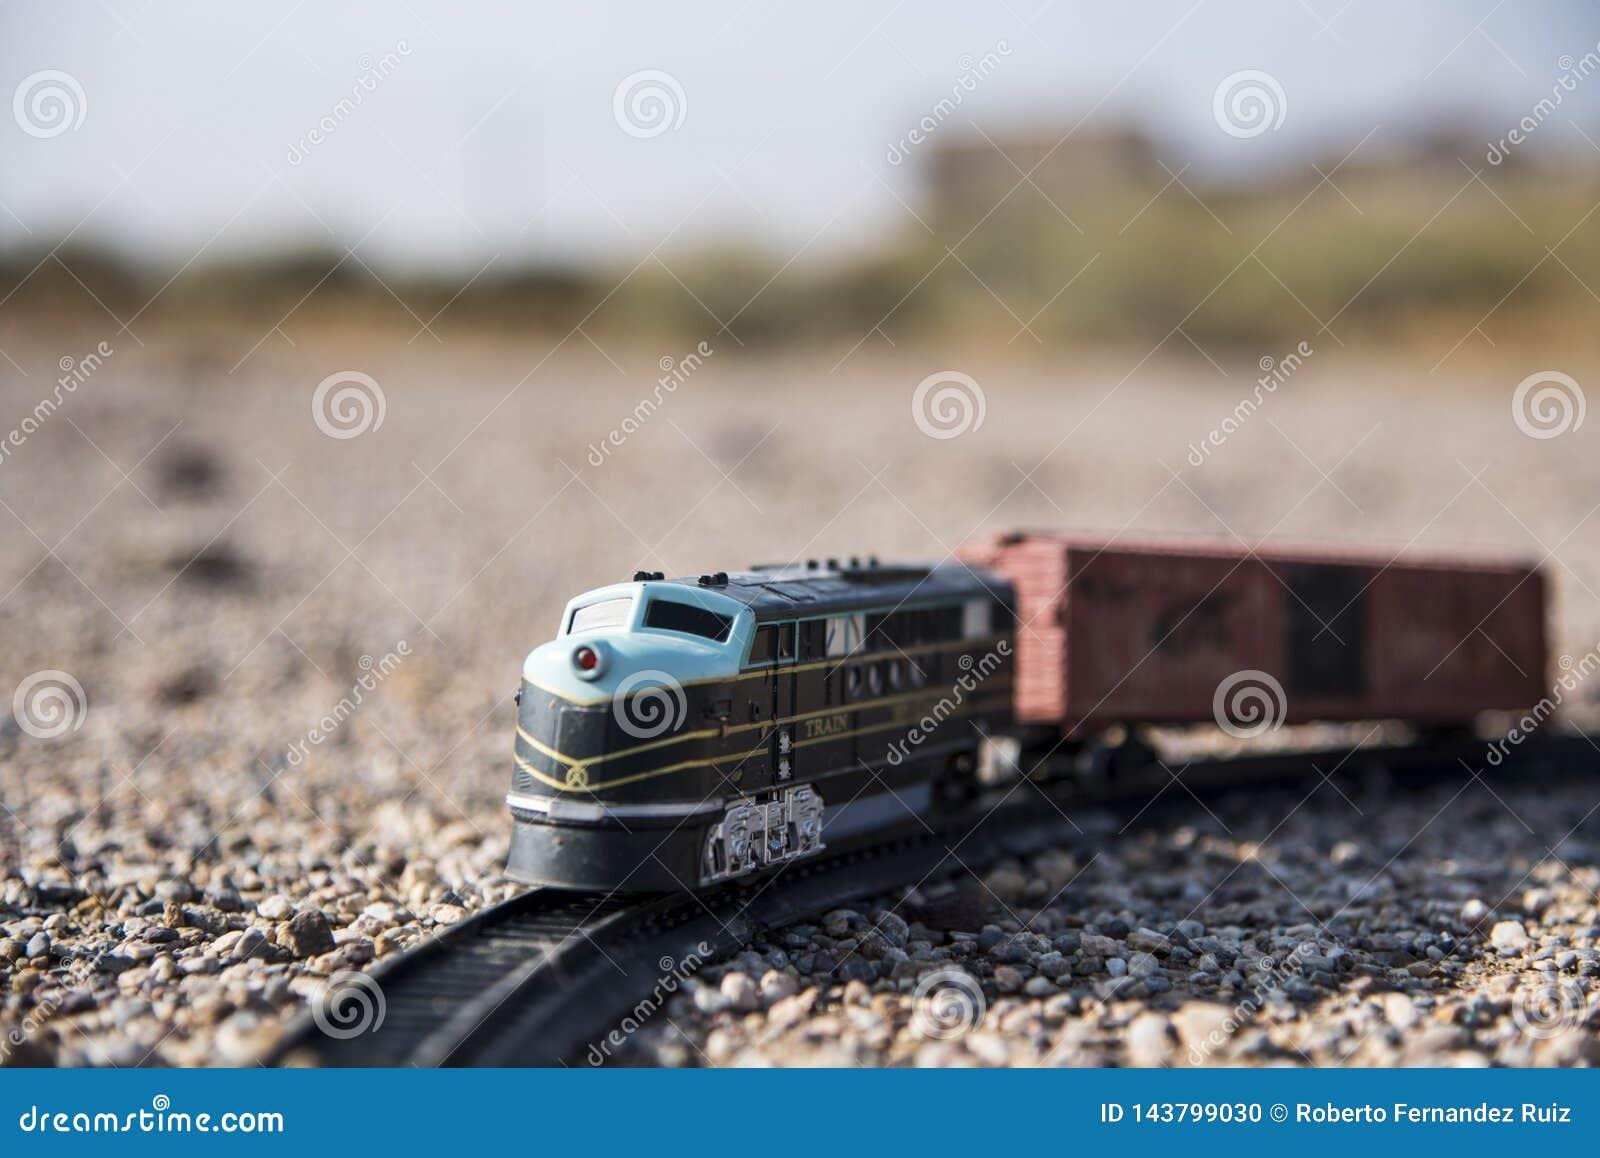 фура поезда локомотива и игрушки получившаяся отказ в поле